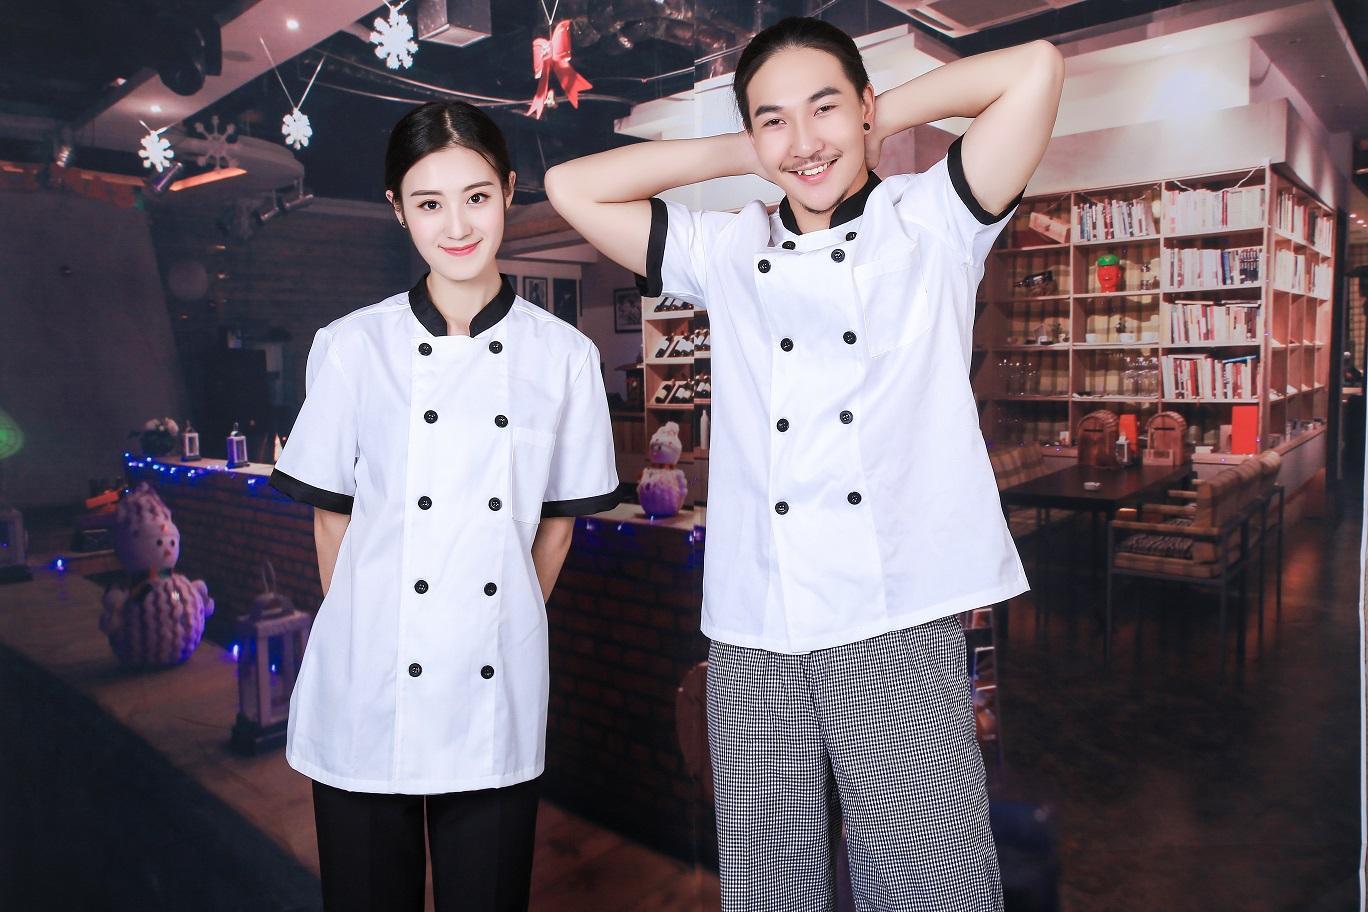 成都私人定制厨师服 1